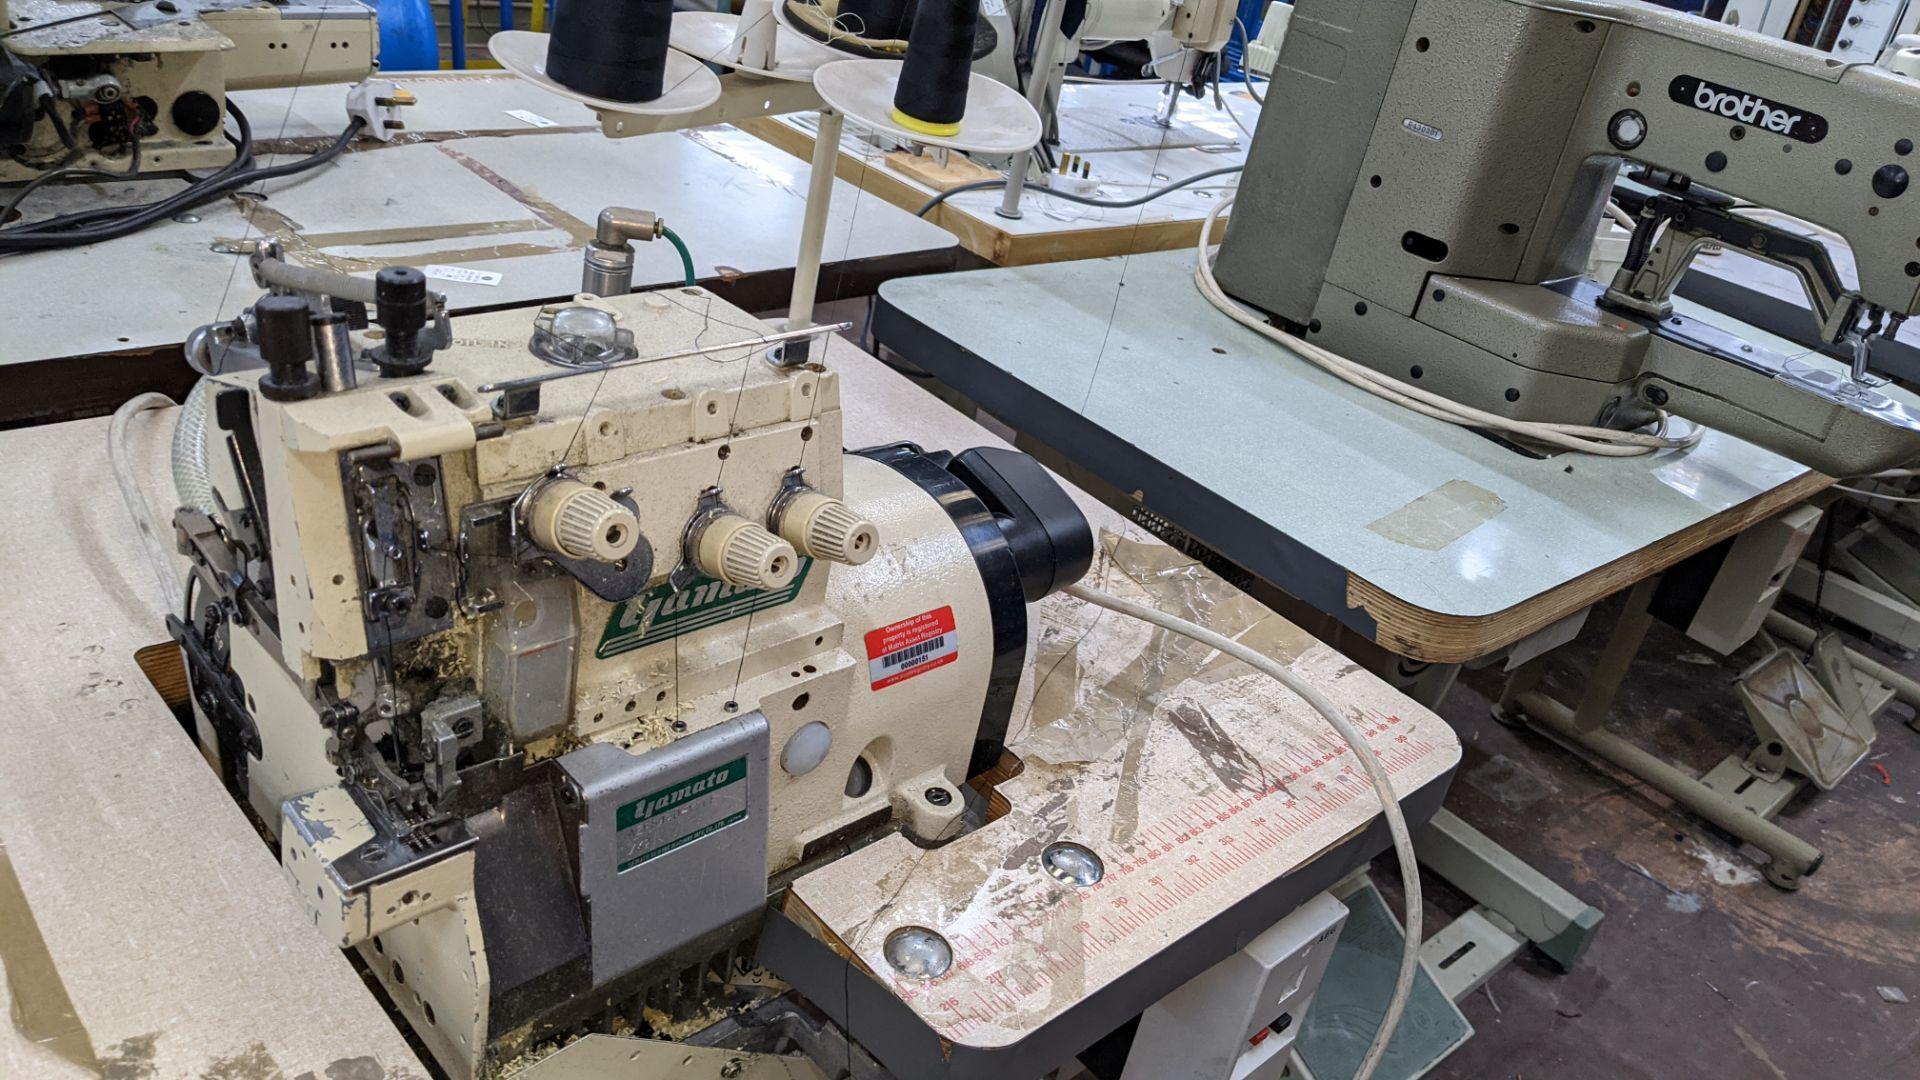 Yamato overlocker, model AZR8420-YSDF - Image 6 of 15